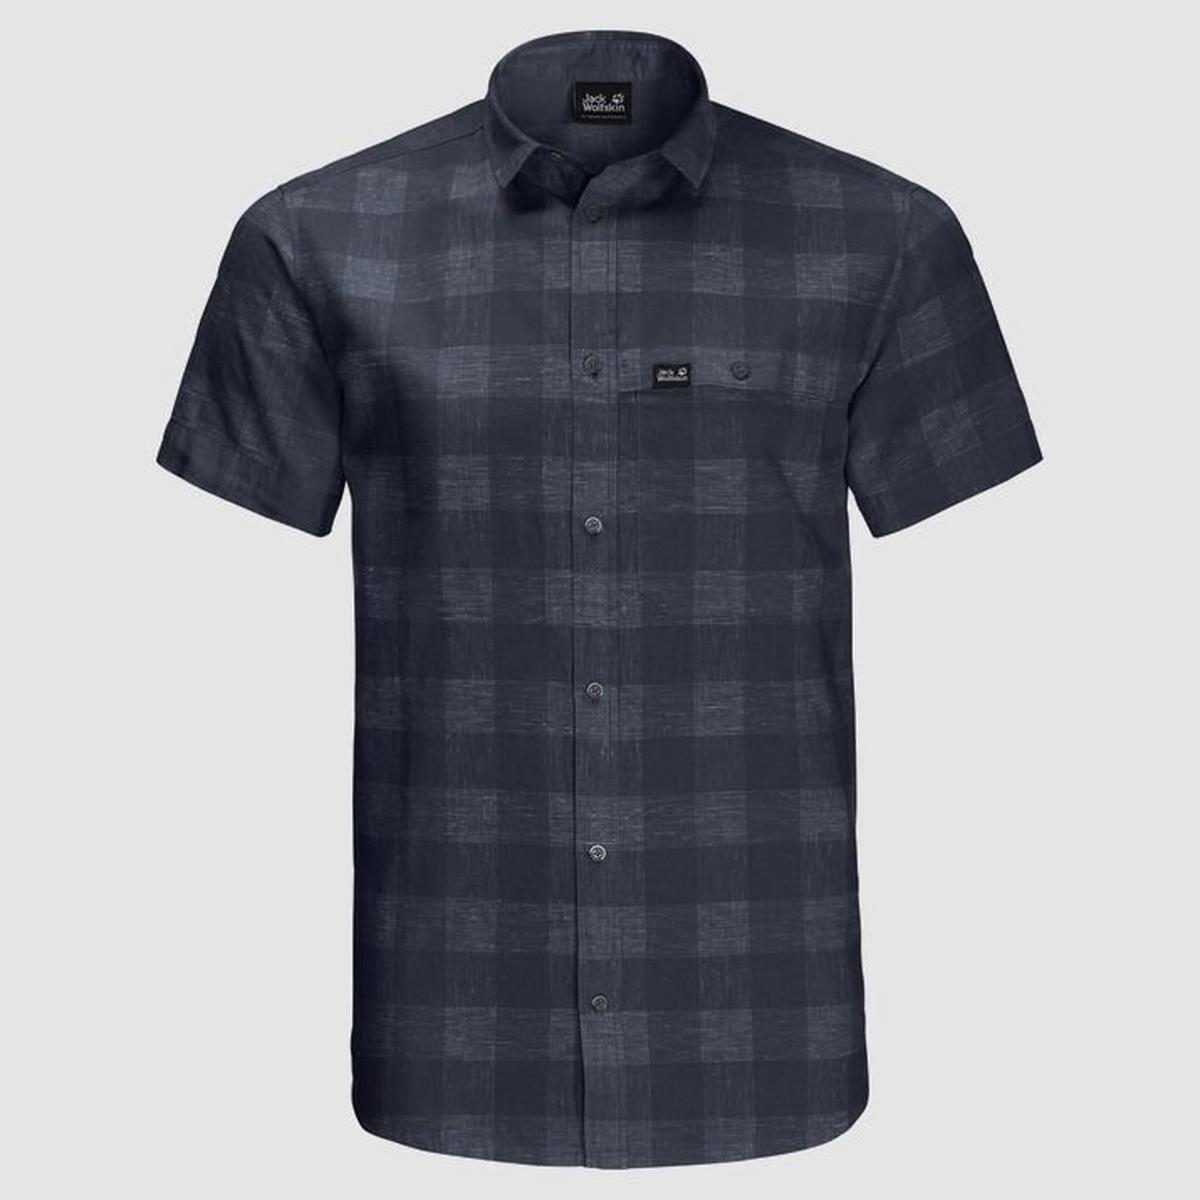 Jack Wolfskin Men's Highlands Shirt - Blue